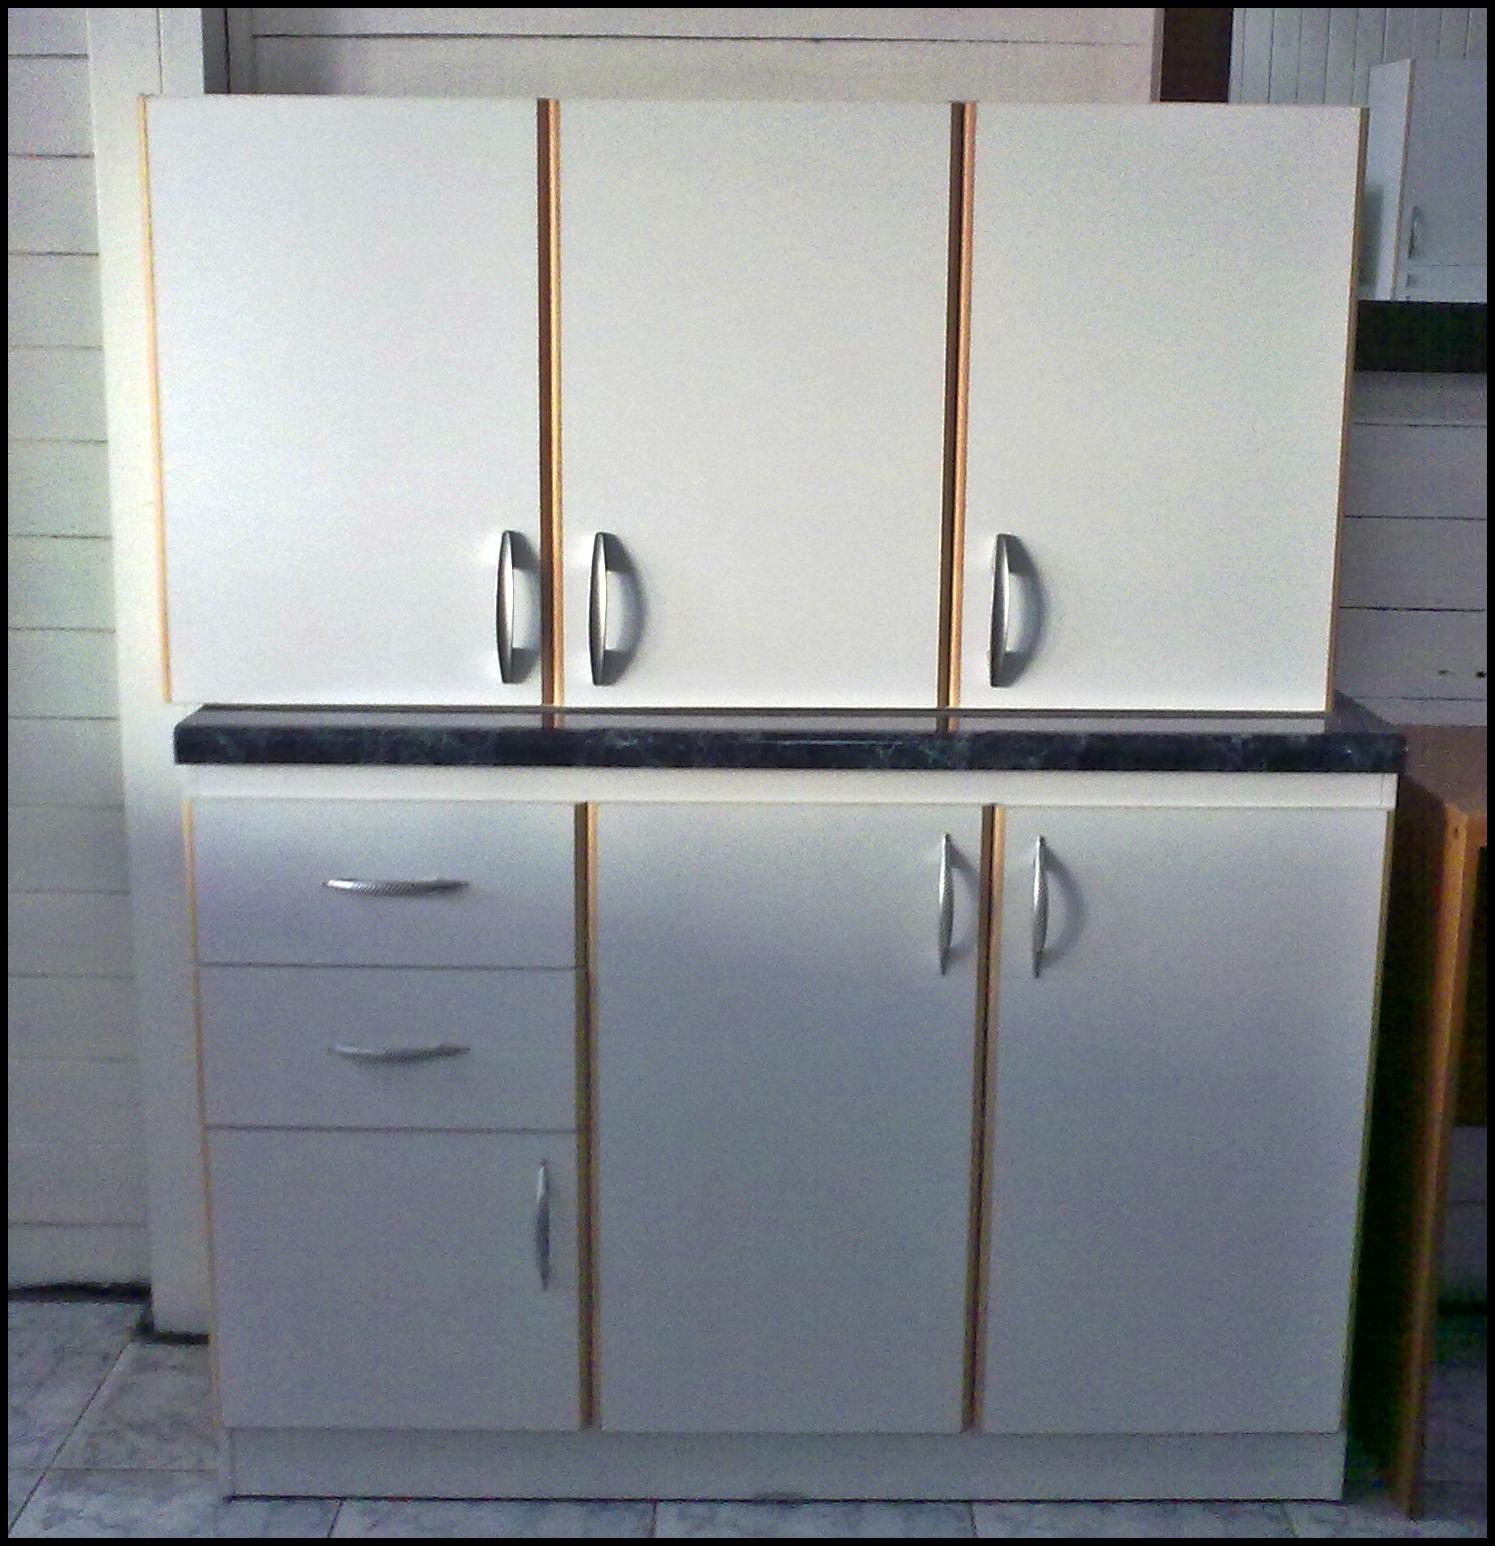 Muebler a marsol mueble cocina completo for Muebleria el mueble